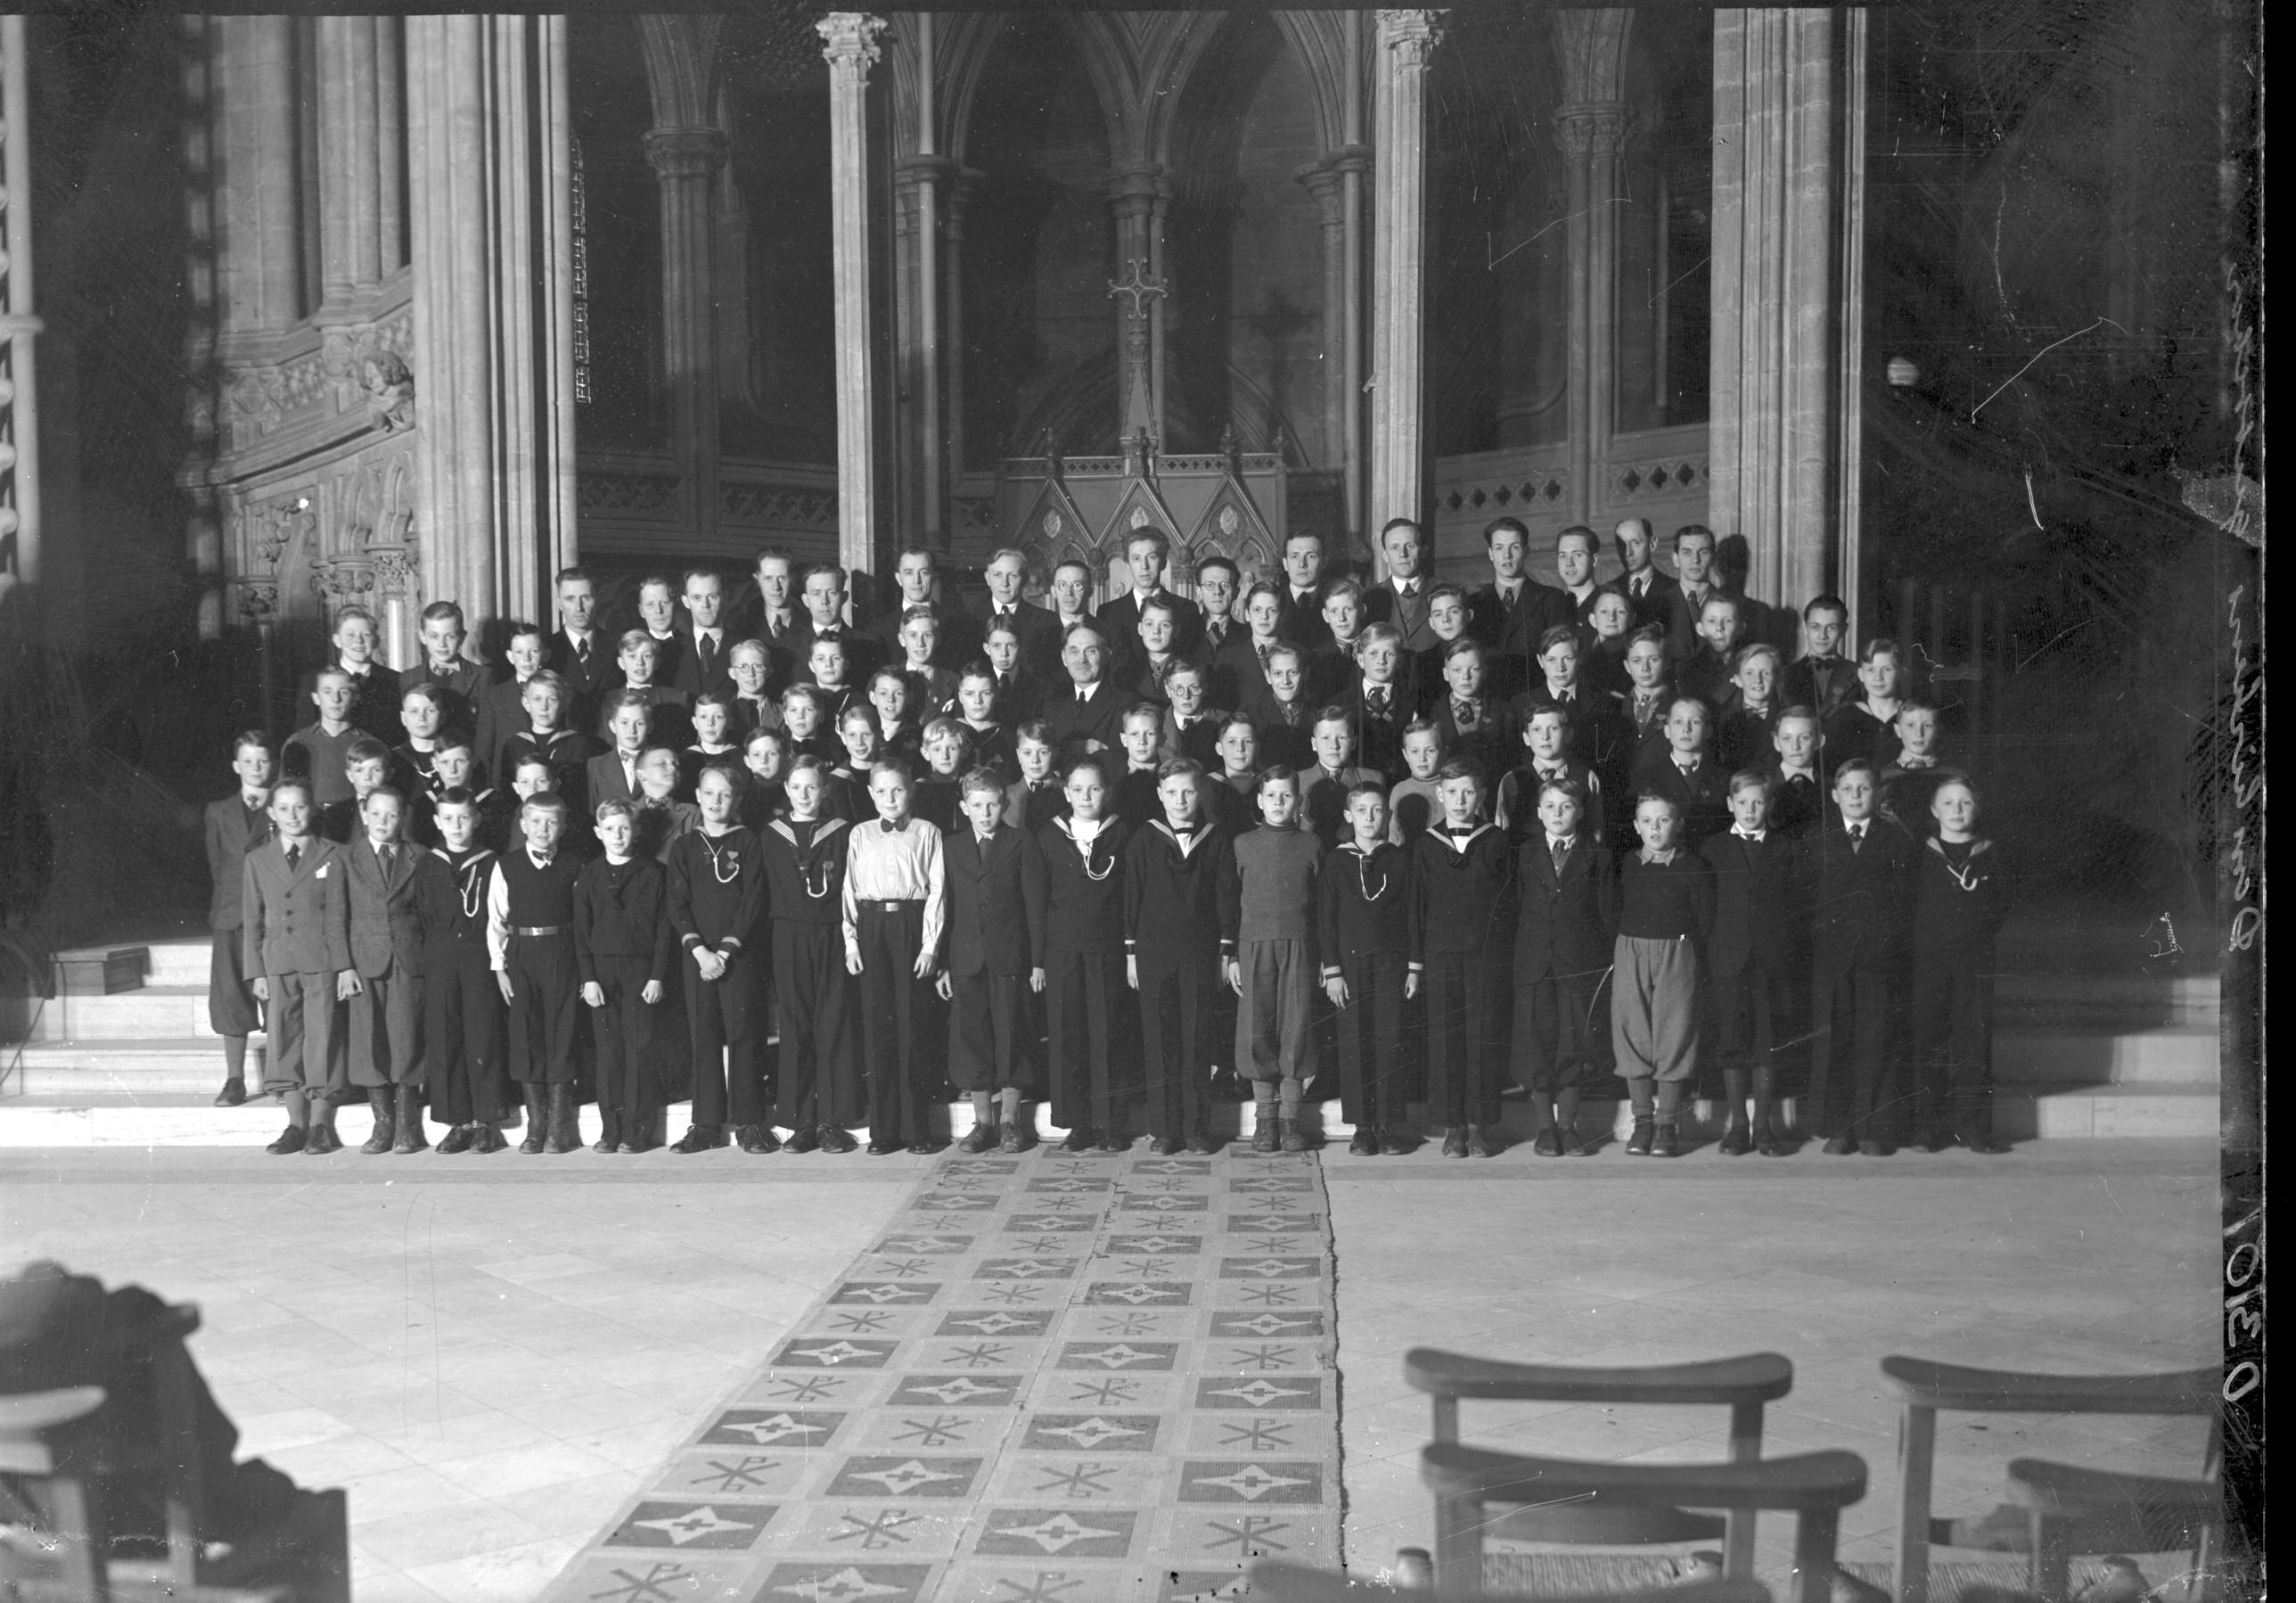 Domkirkens guttekor 1943